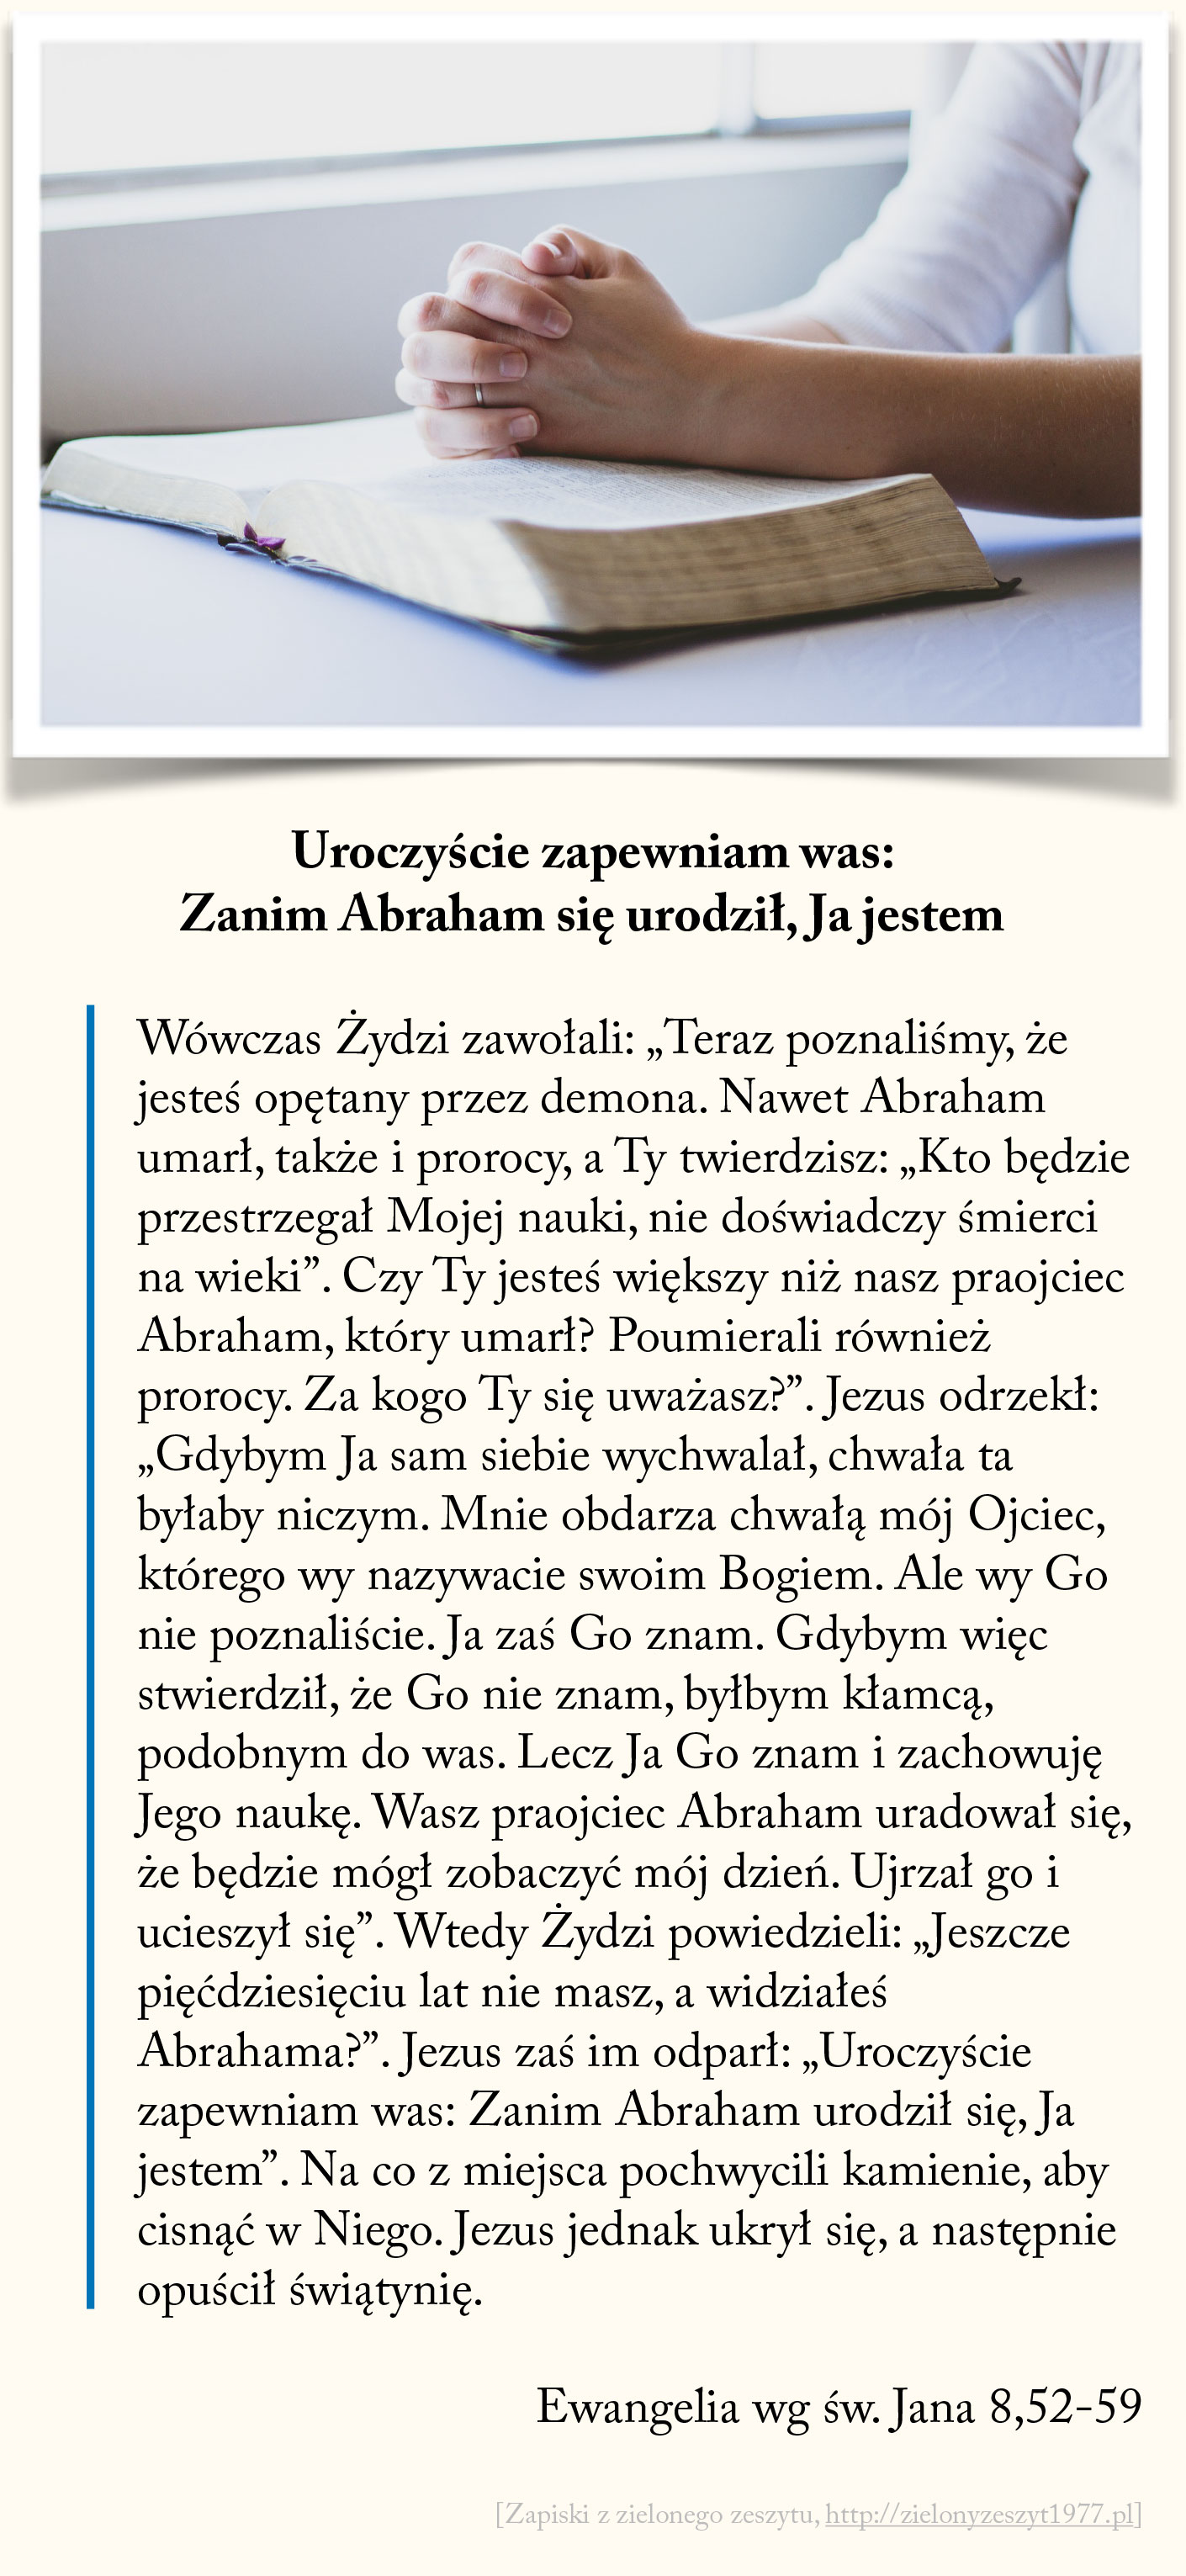 Uroczyście zapewniam was: Zanim Abraham się urodził Ja jestem, Ewangelia wg św. Jana